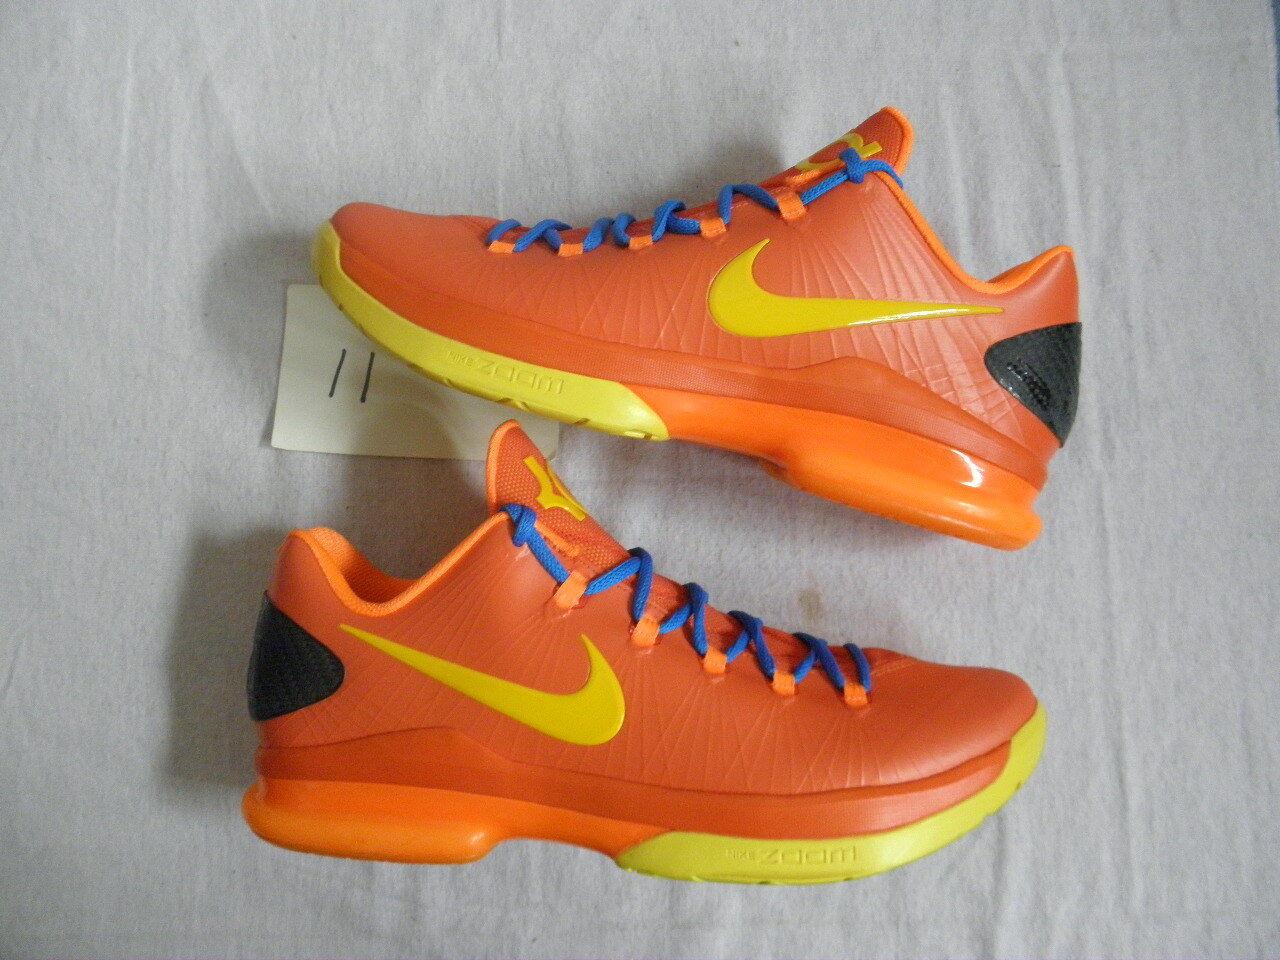 Nike Air Zoom KD 5 V kd5 Elite Kevin Team Naranja OKC Thunder Kevin Elite Durant DS nuevo S 11 venta de liquidacion de temporada 8e7a8d